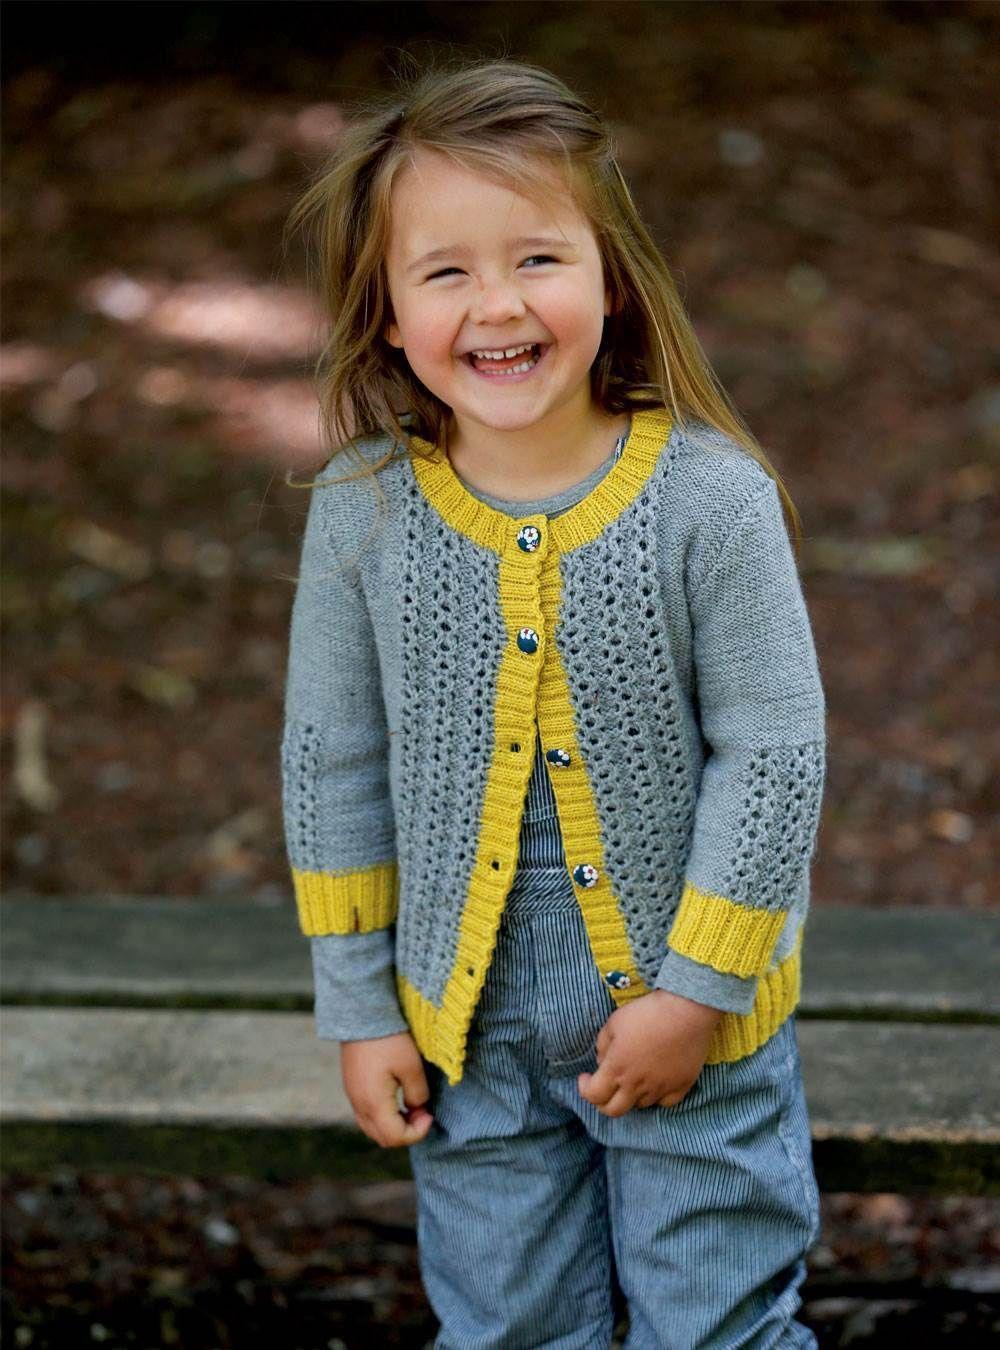 30c389475a69 Klæd den unge pige på med en smuk hjemmestrikket cardigan med 3 4-ærme.